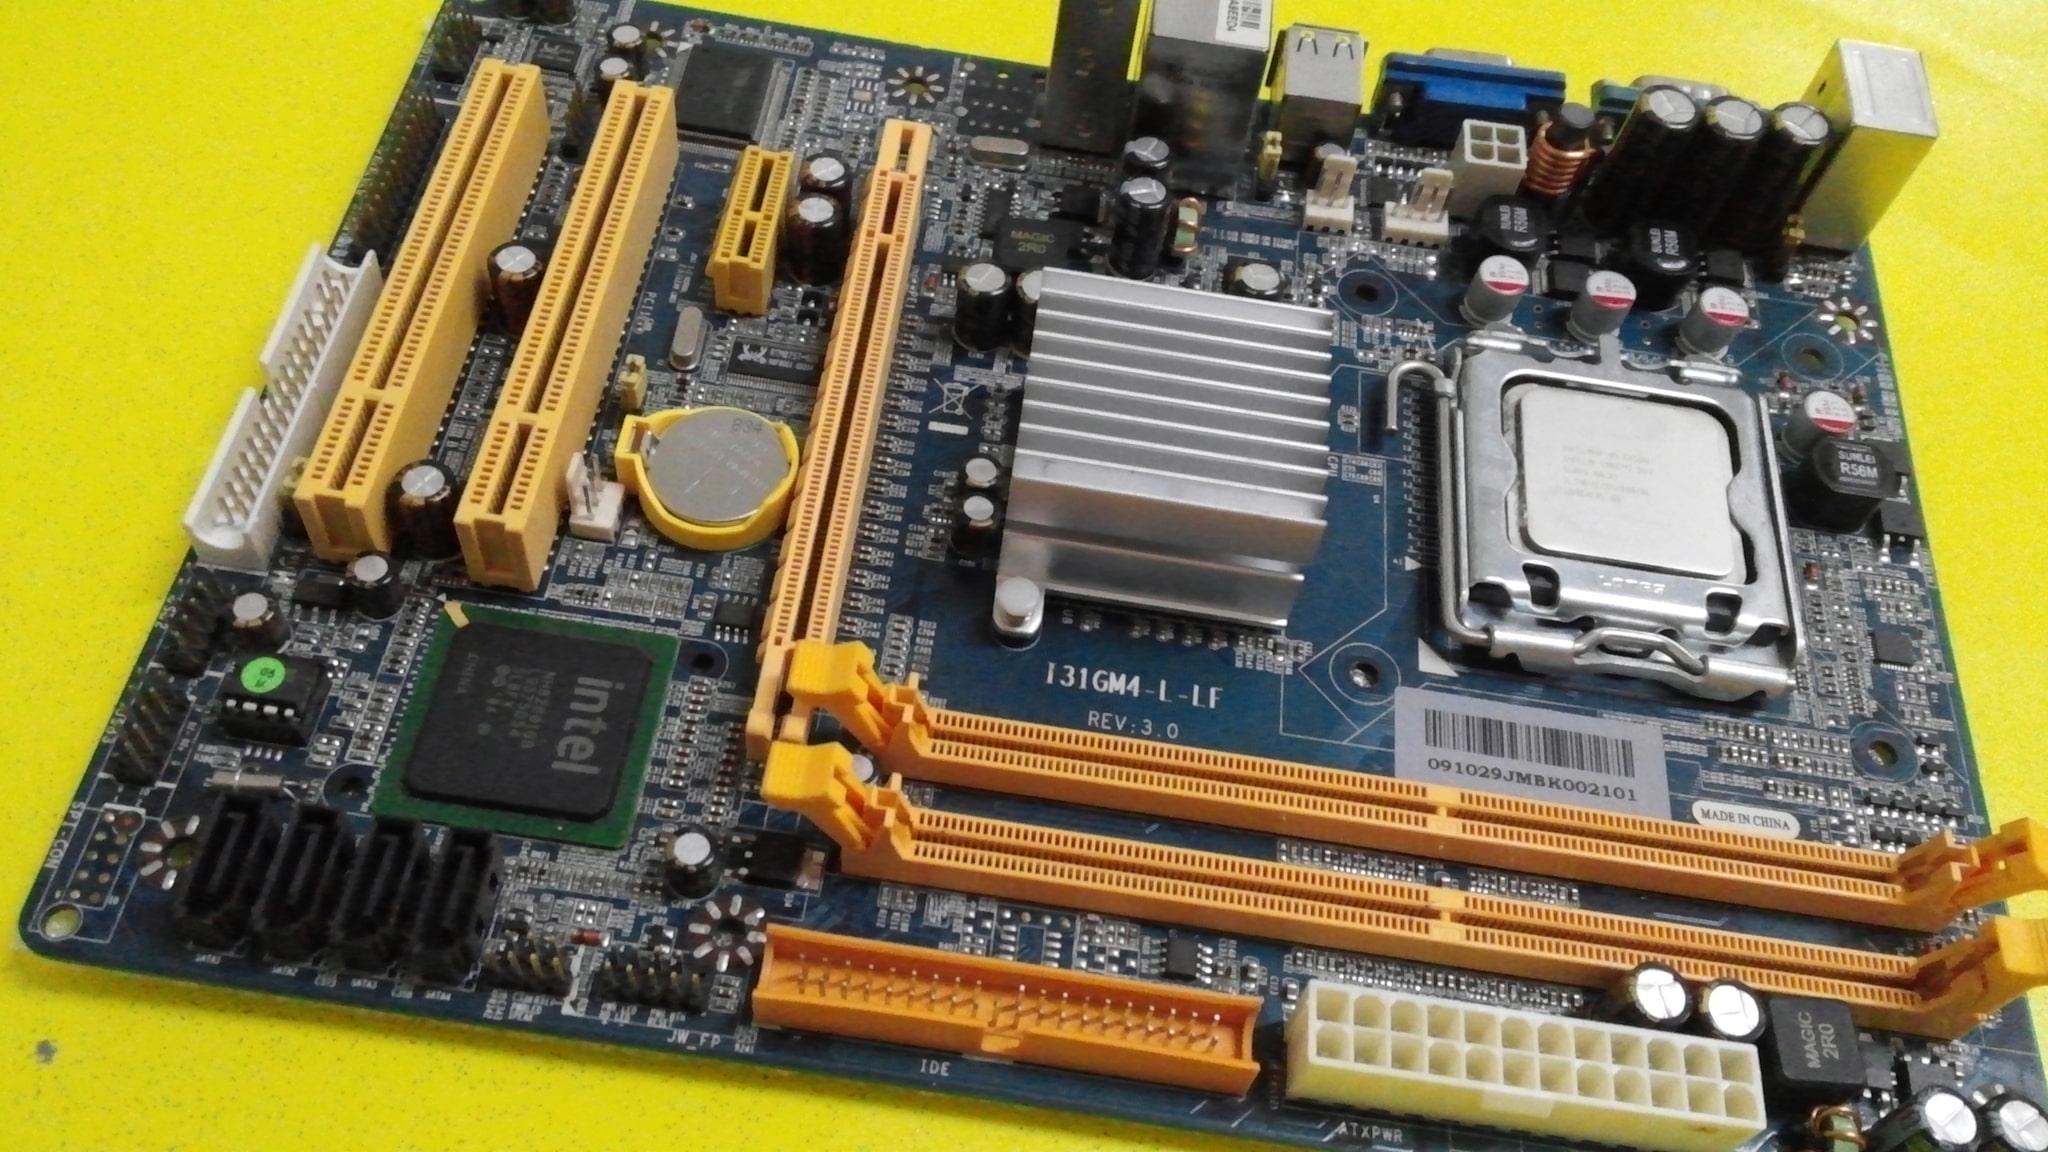 Driver for Jetway I31GM4-L Intel Chipset